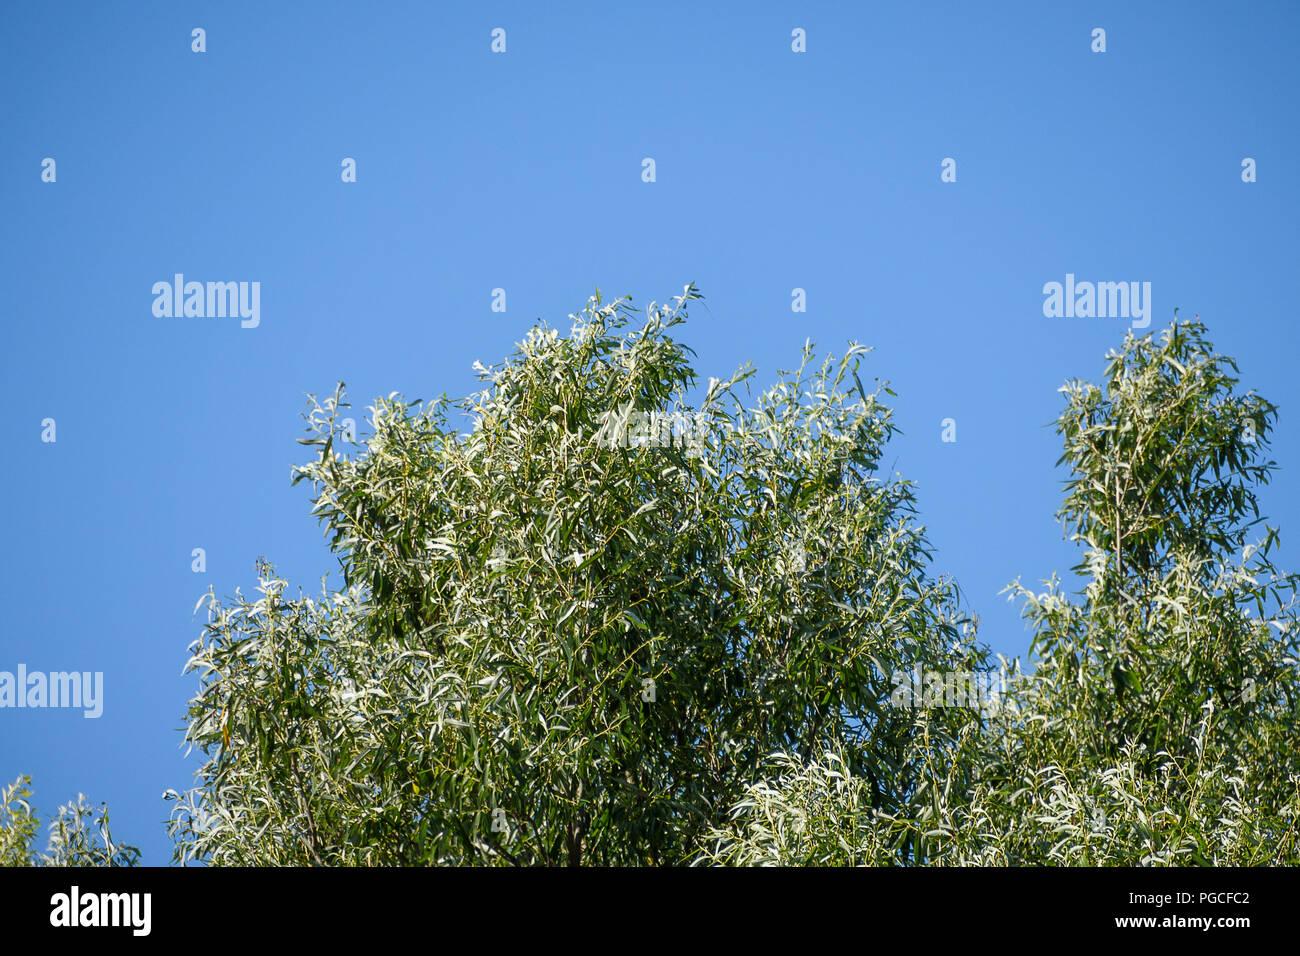 Árboles verdes y cielo azul. Árboles contra el cielo sin nubes Imagen De Stock